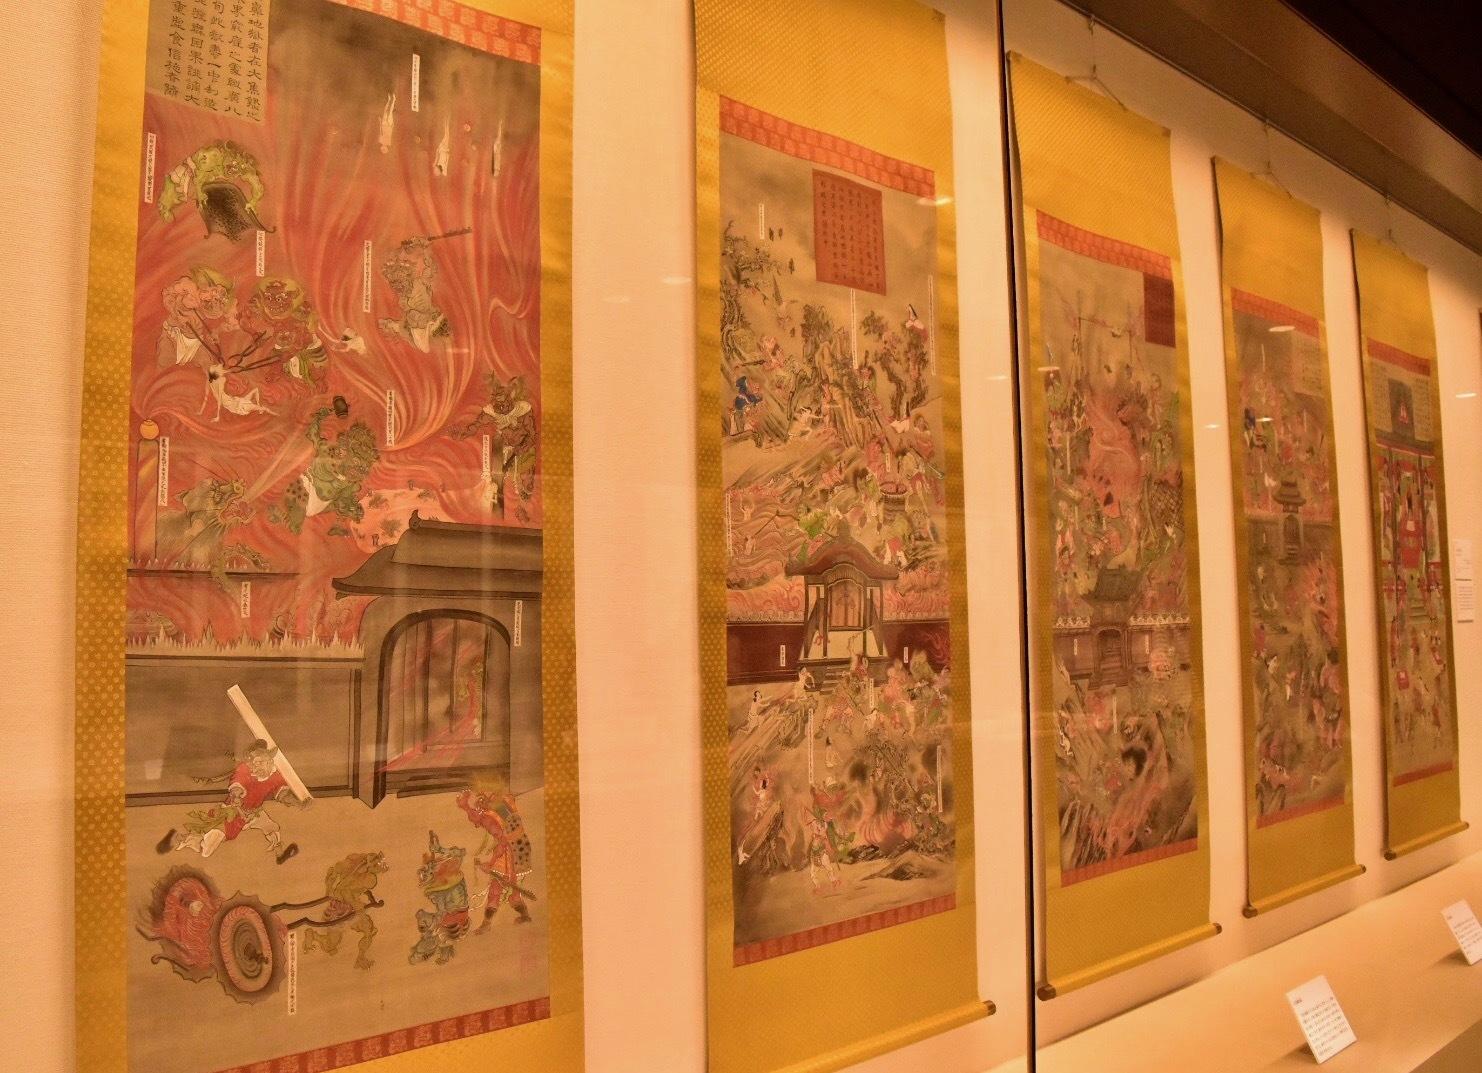 六道絵(文政本) 江戸時代・文政六年(1823)滋賀・聖衆来迎寺